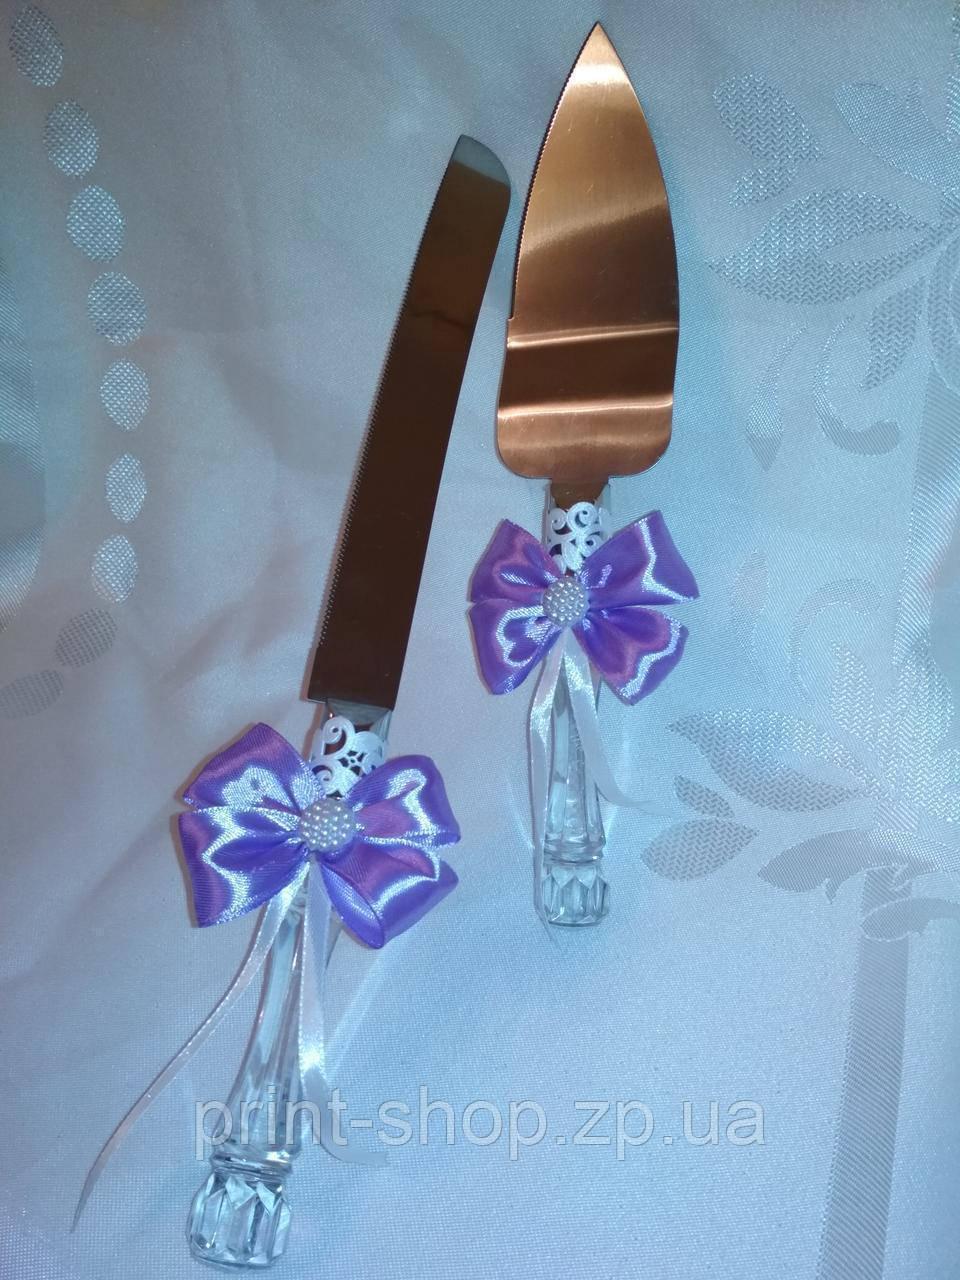 Нож и лопатка для свадебного торта в сиреневом цвете